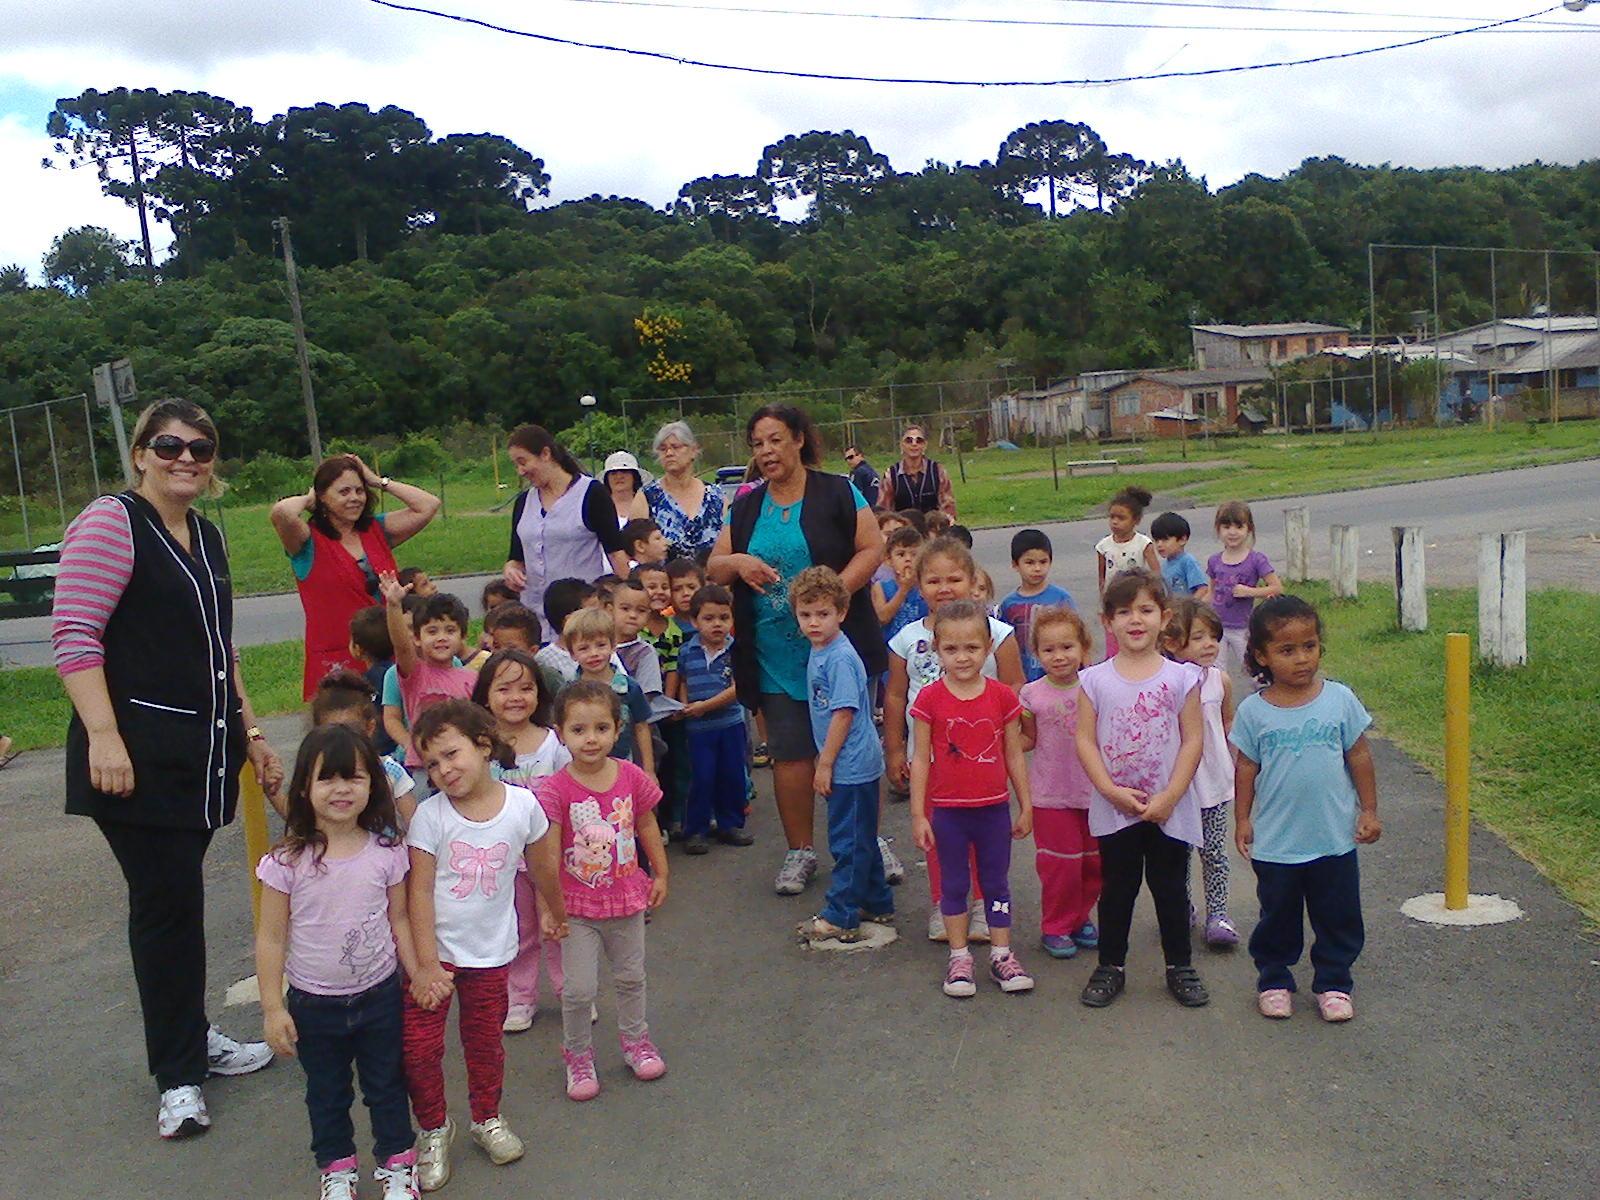 Homenagem do CMEI Santa Cândida à cidade de Curitiba 1